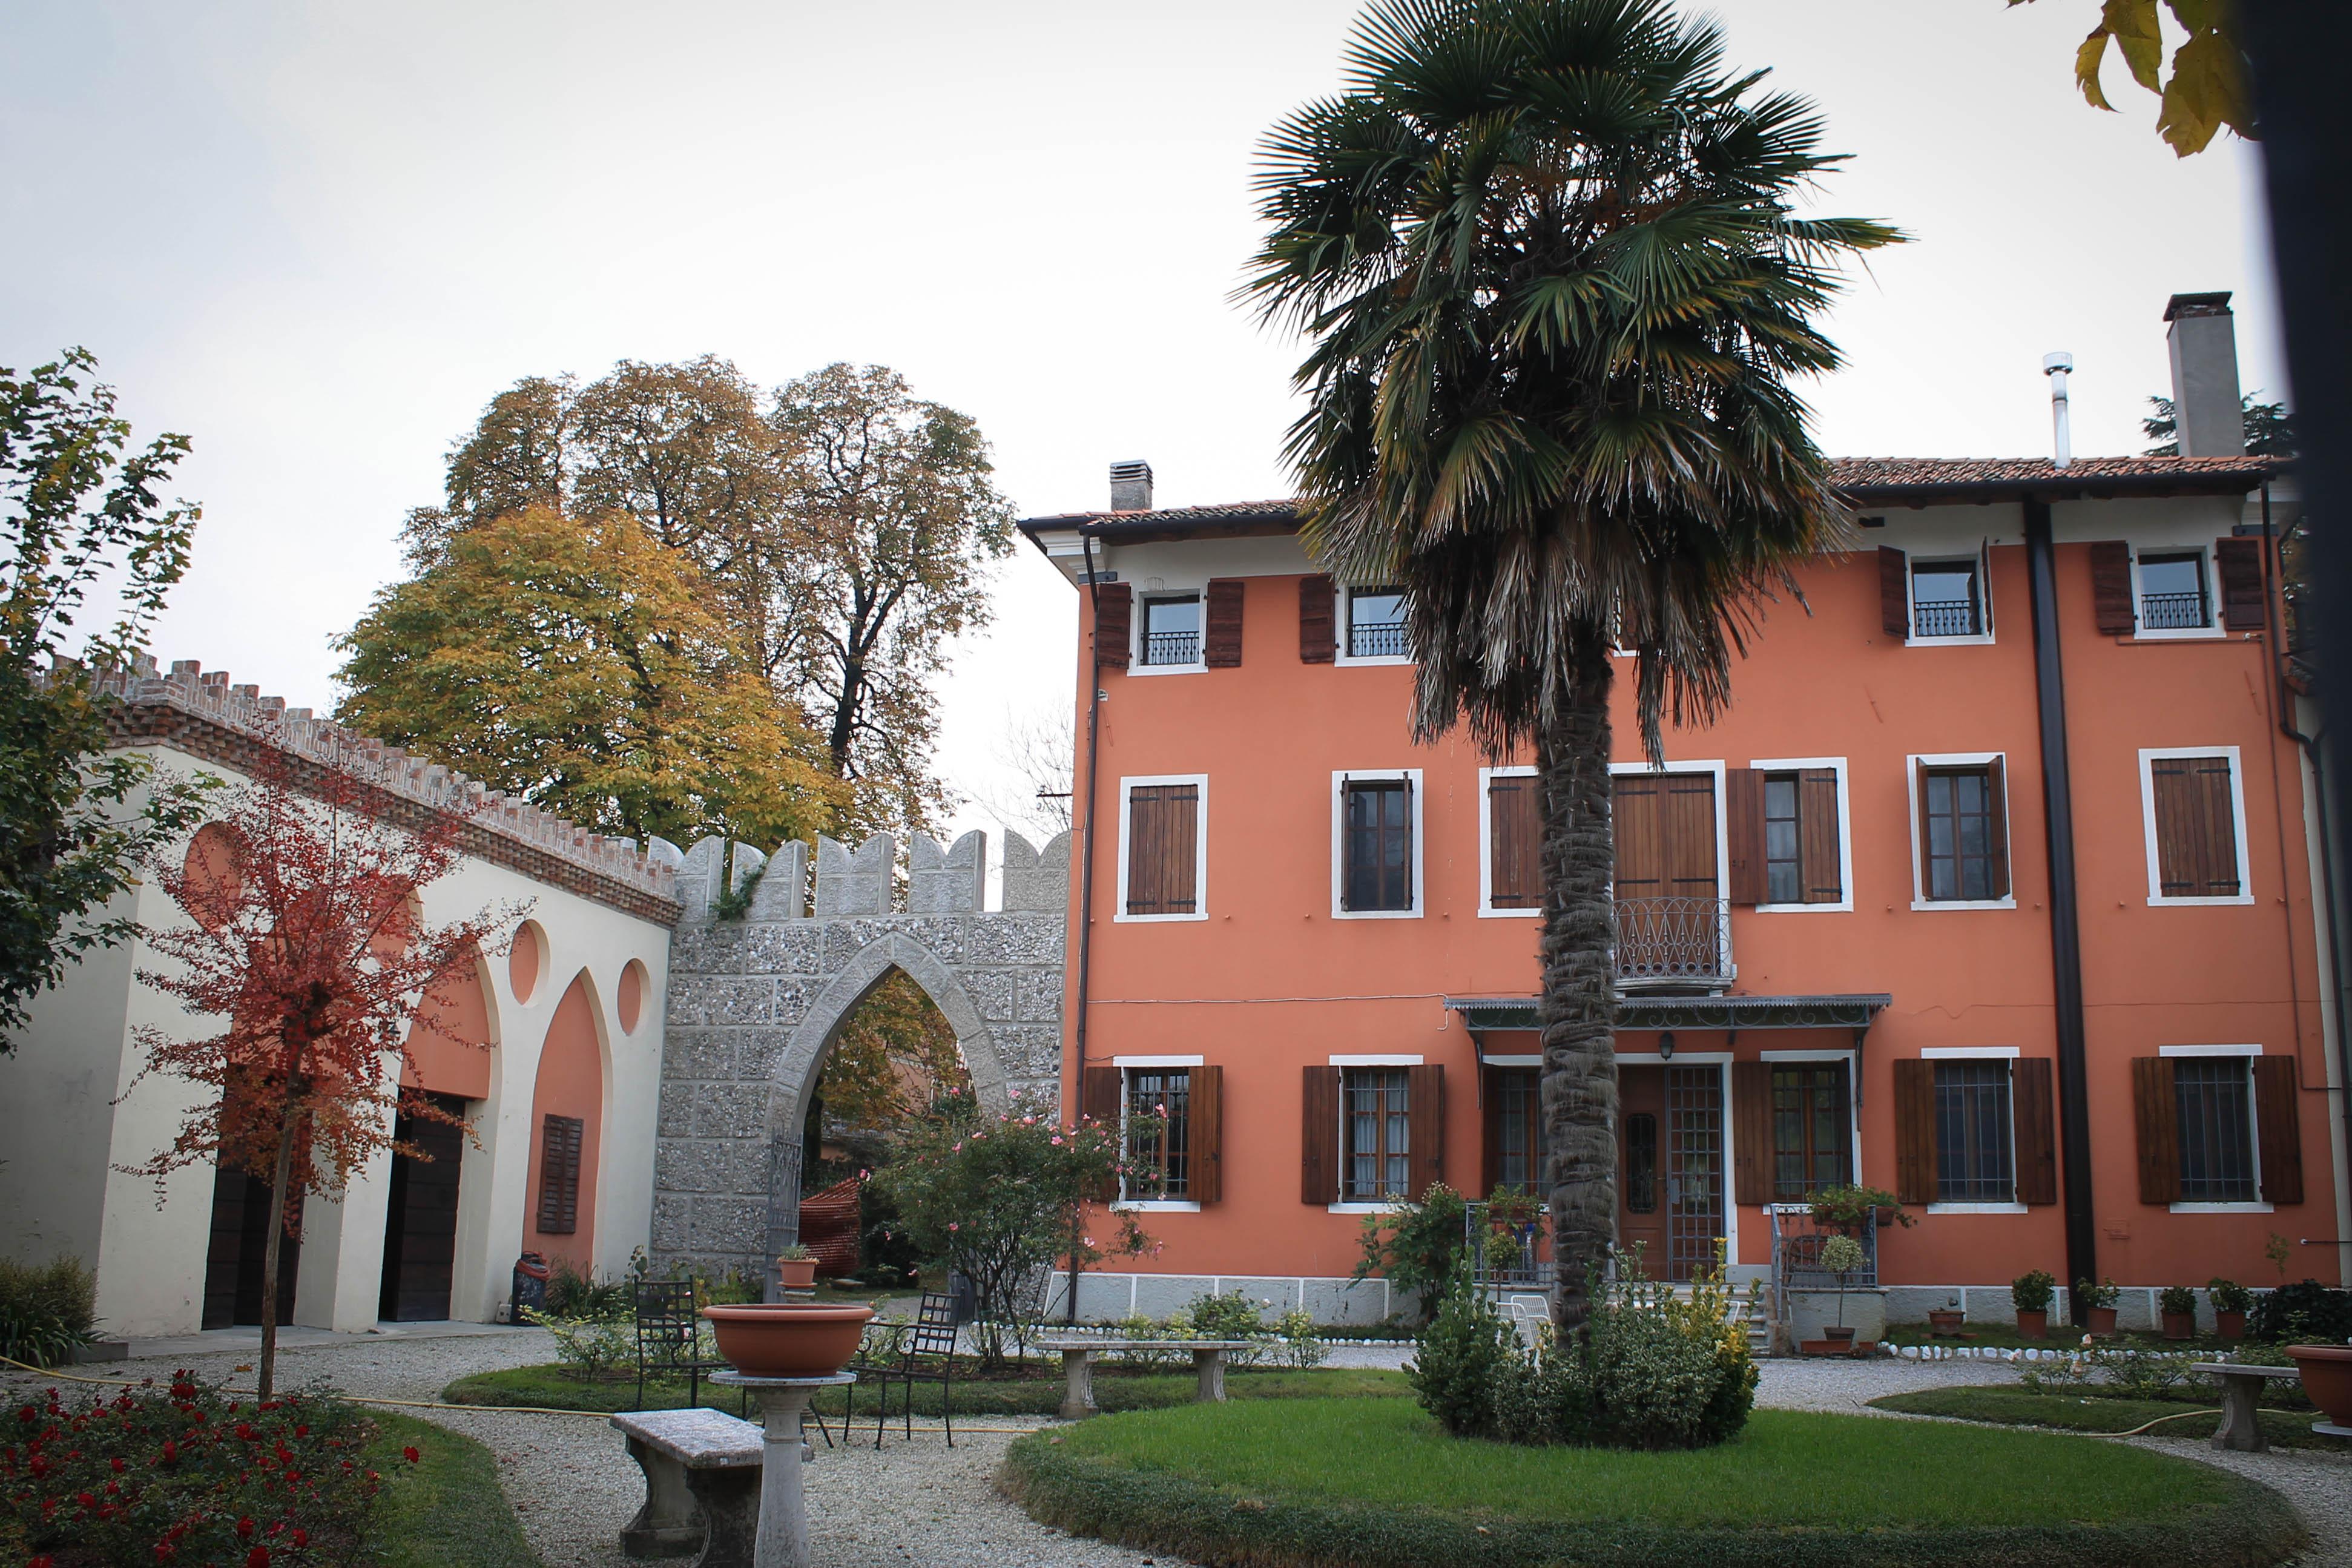 Veneto TourGuide_Villa Bornancini a Cinto Caomaggiore